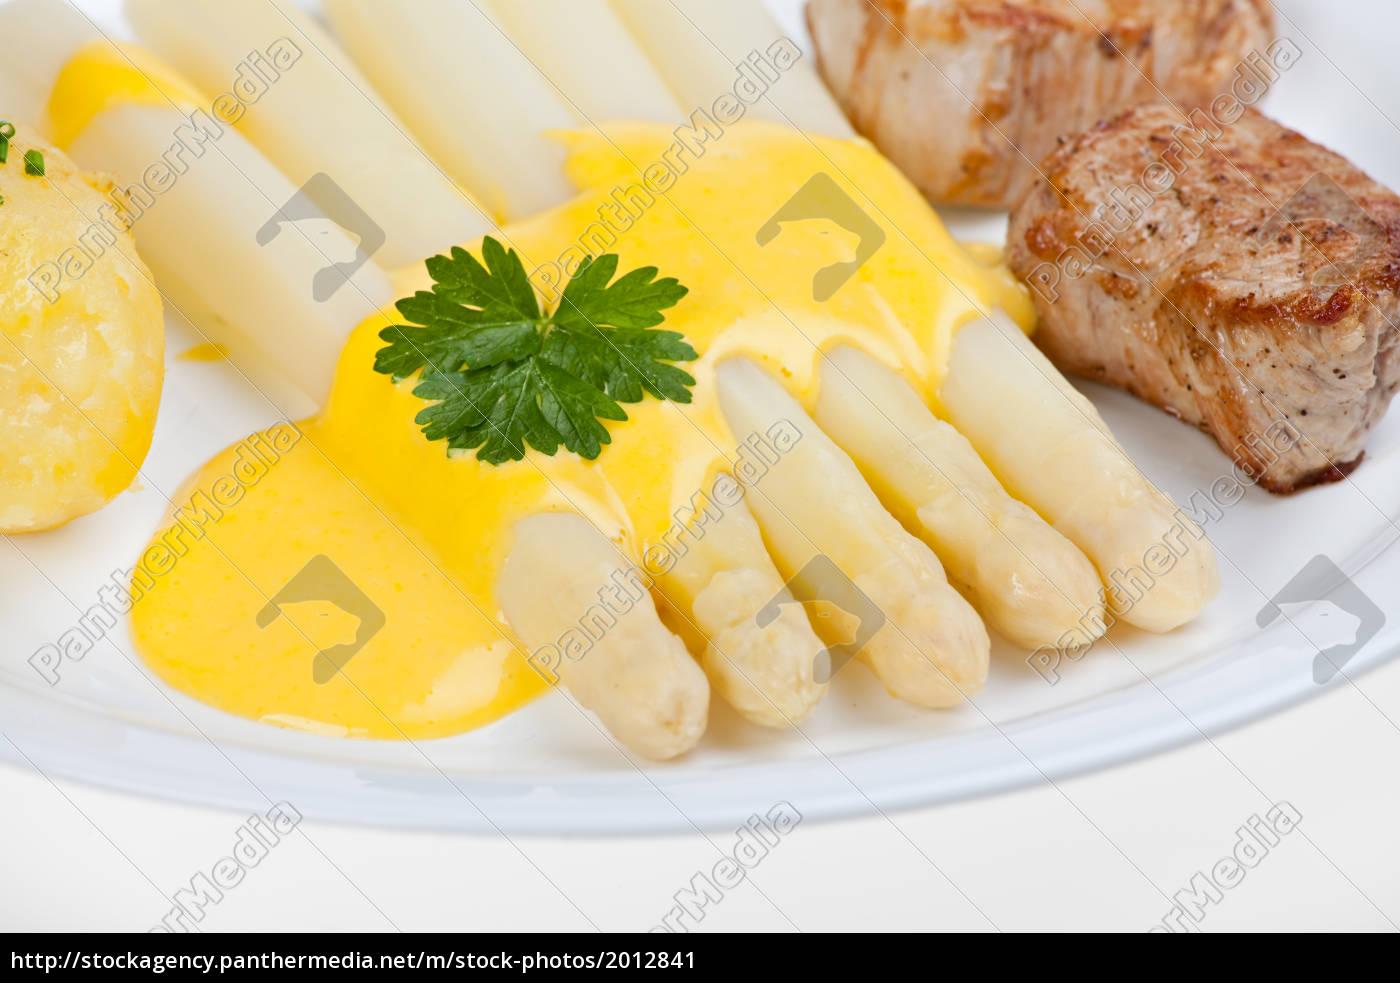 espárragos, blancos, y, salsa, holandesa - 2012841